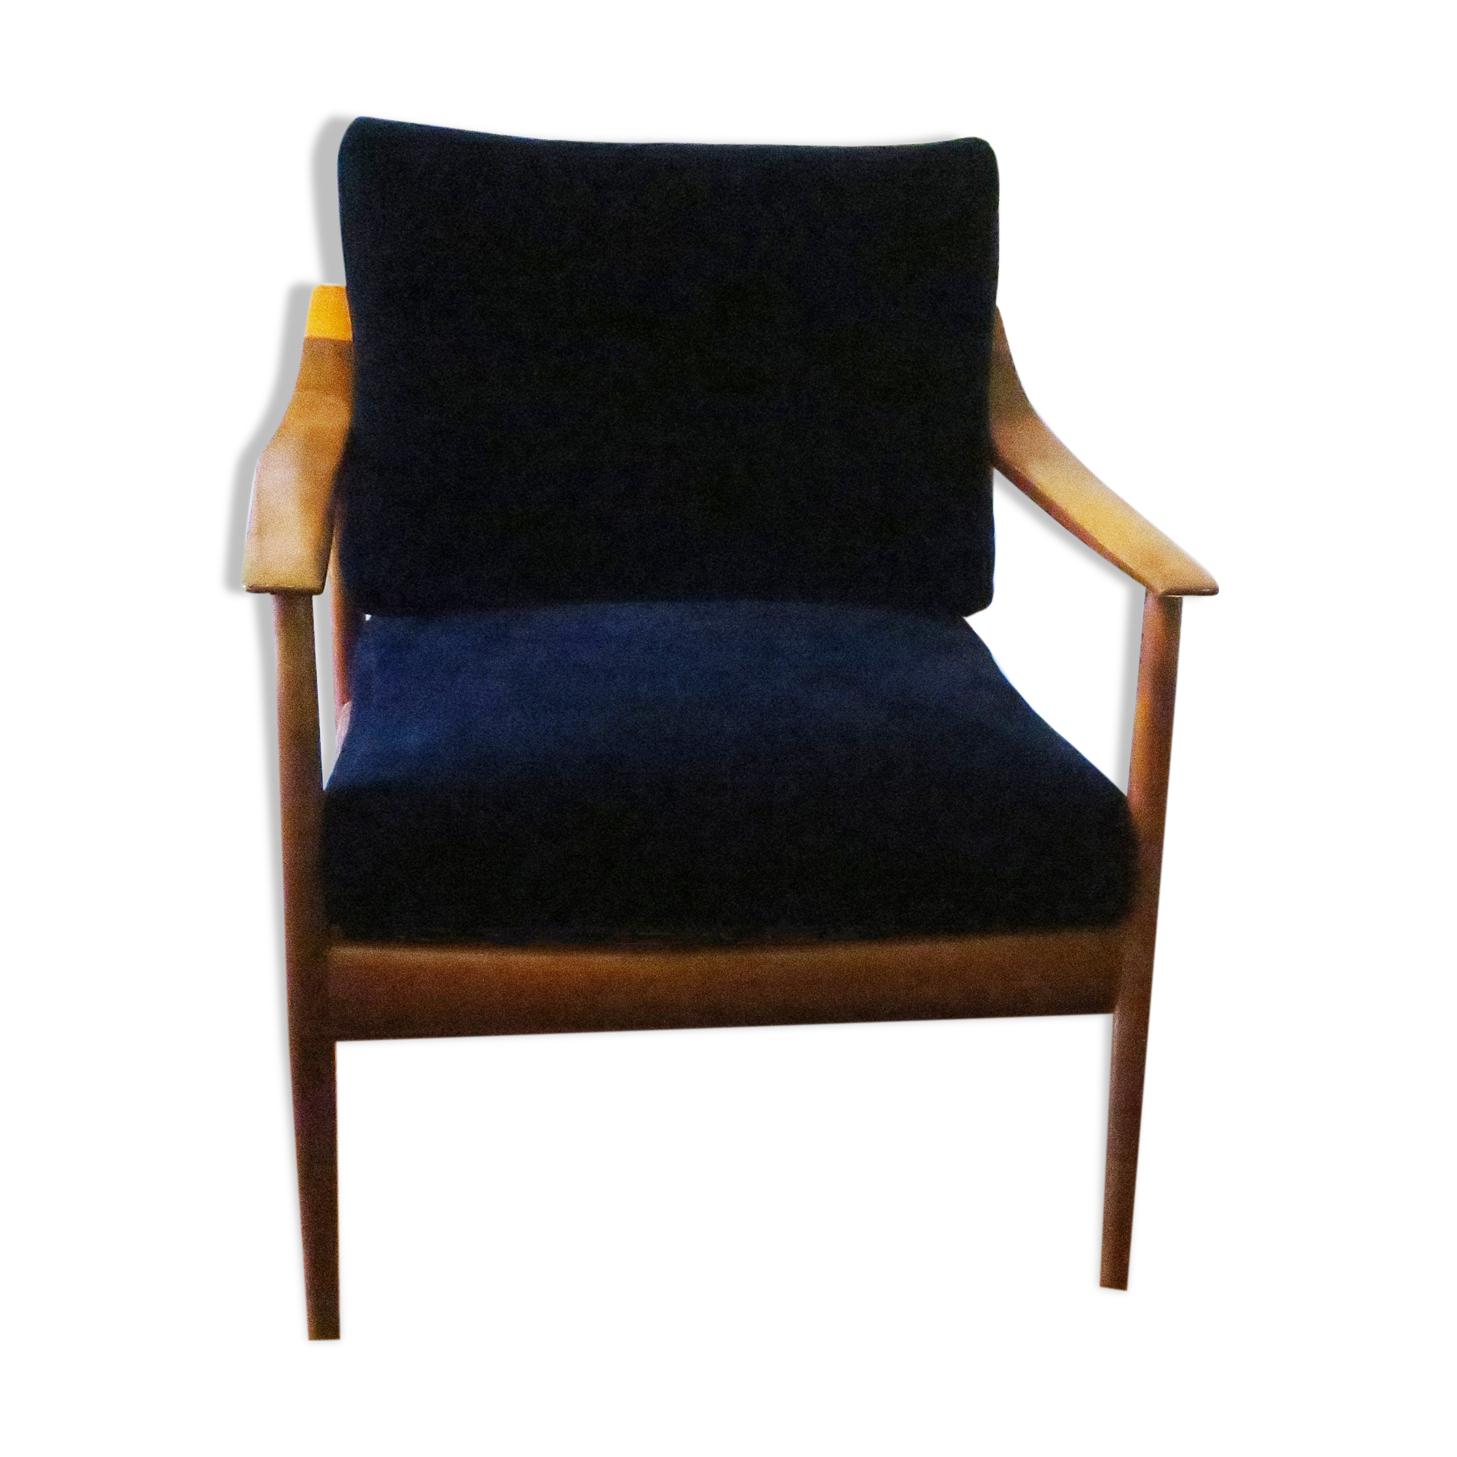 Chaise longue en velours bleu du milieu du siècle avec dossier incurvé et coussins suspendus